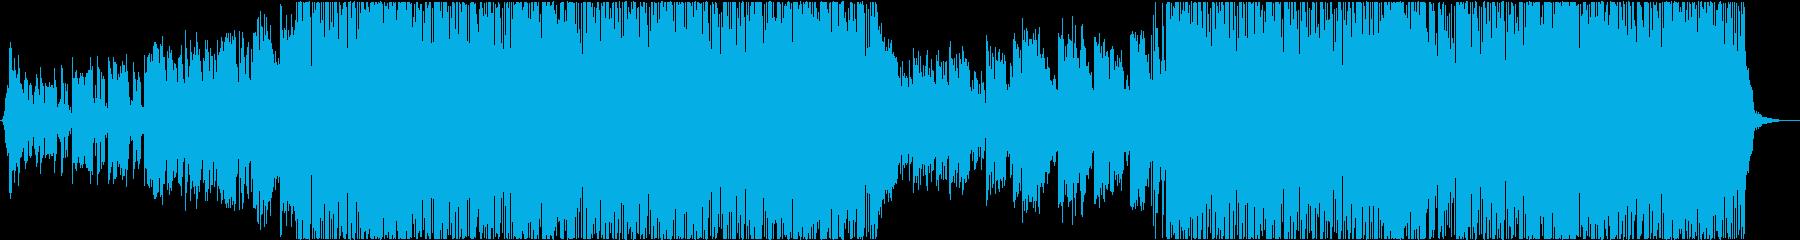 エネルギッシュな雰囲気のプログレッシブ・の再生済みの波形